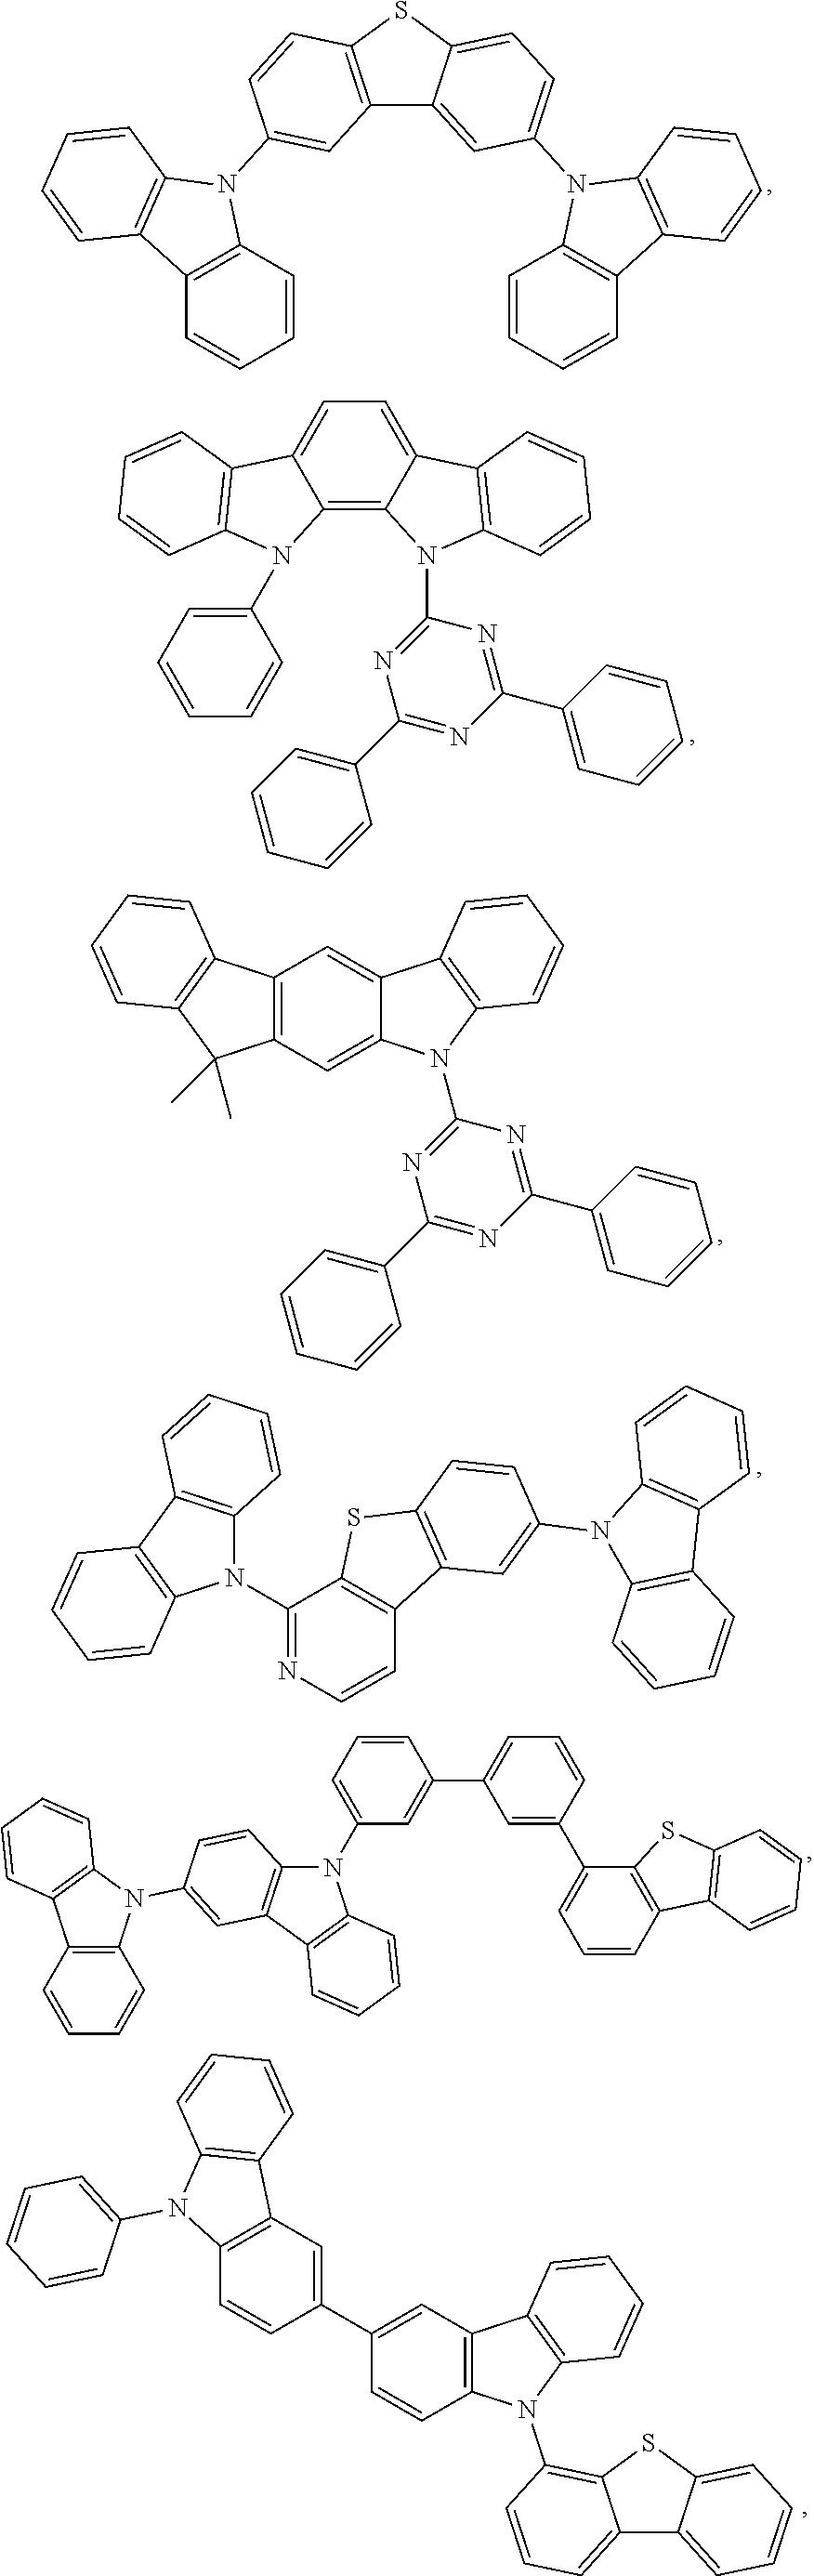 Figure US09450195-20160920-C00037